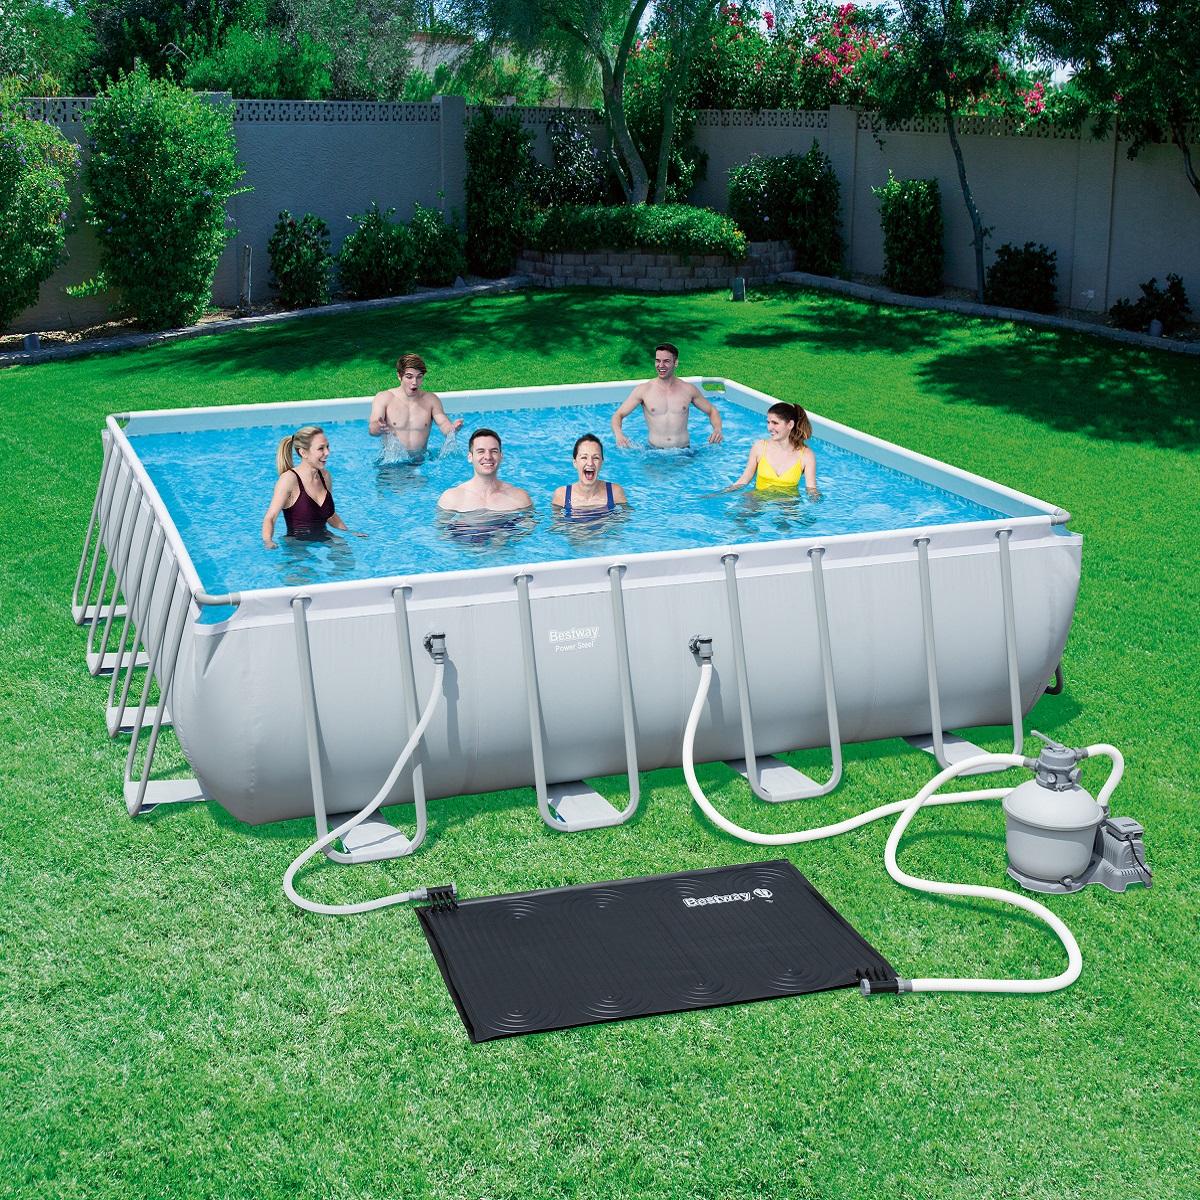 Solární bazénový ohřev vody BESTWAY